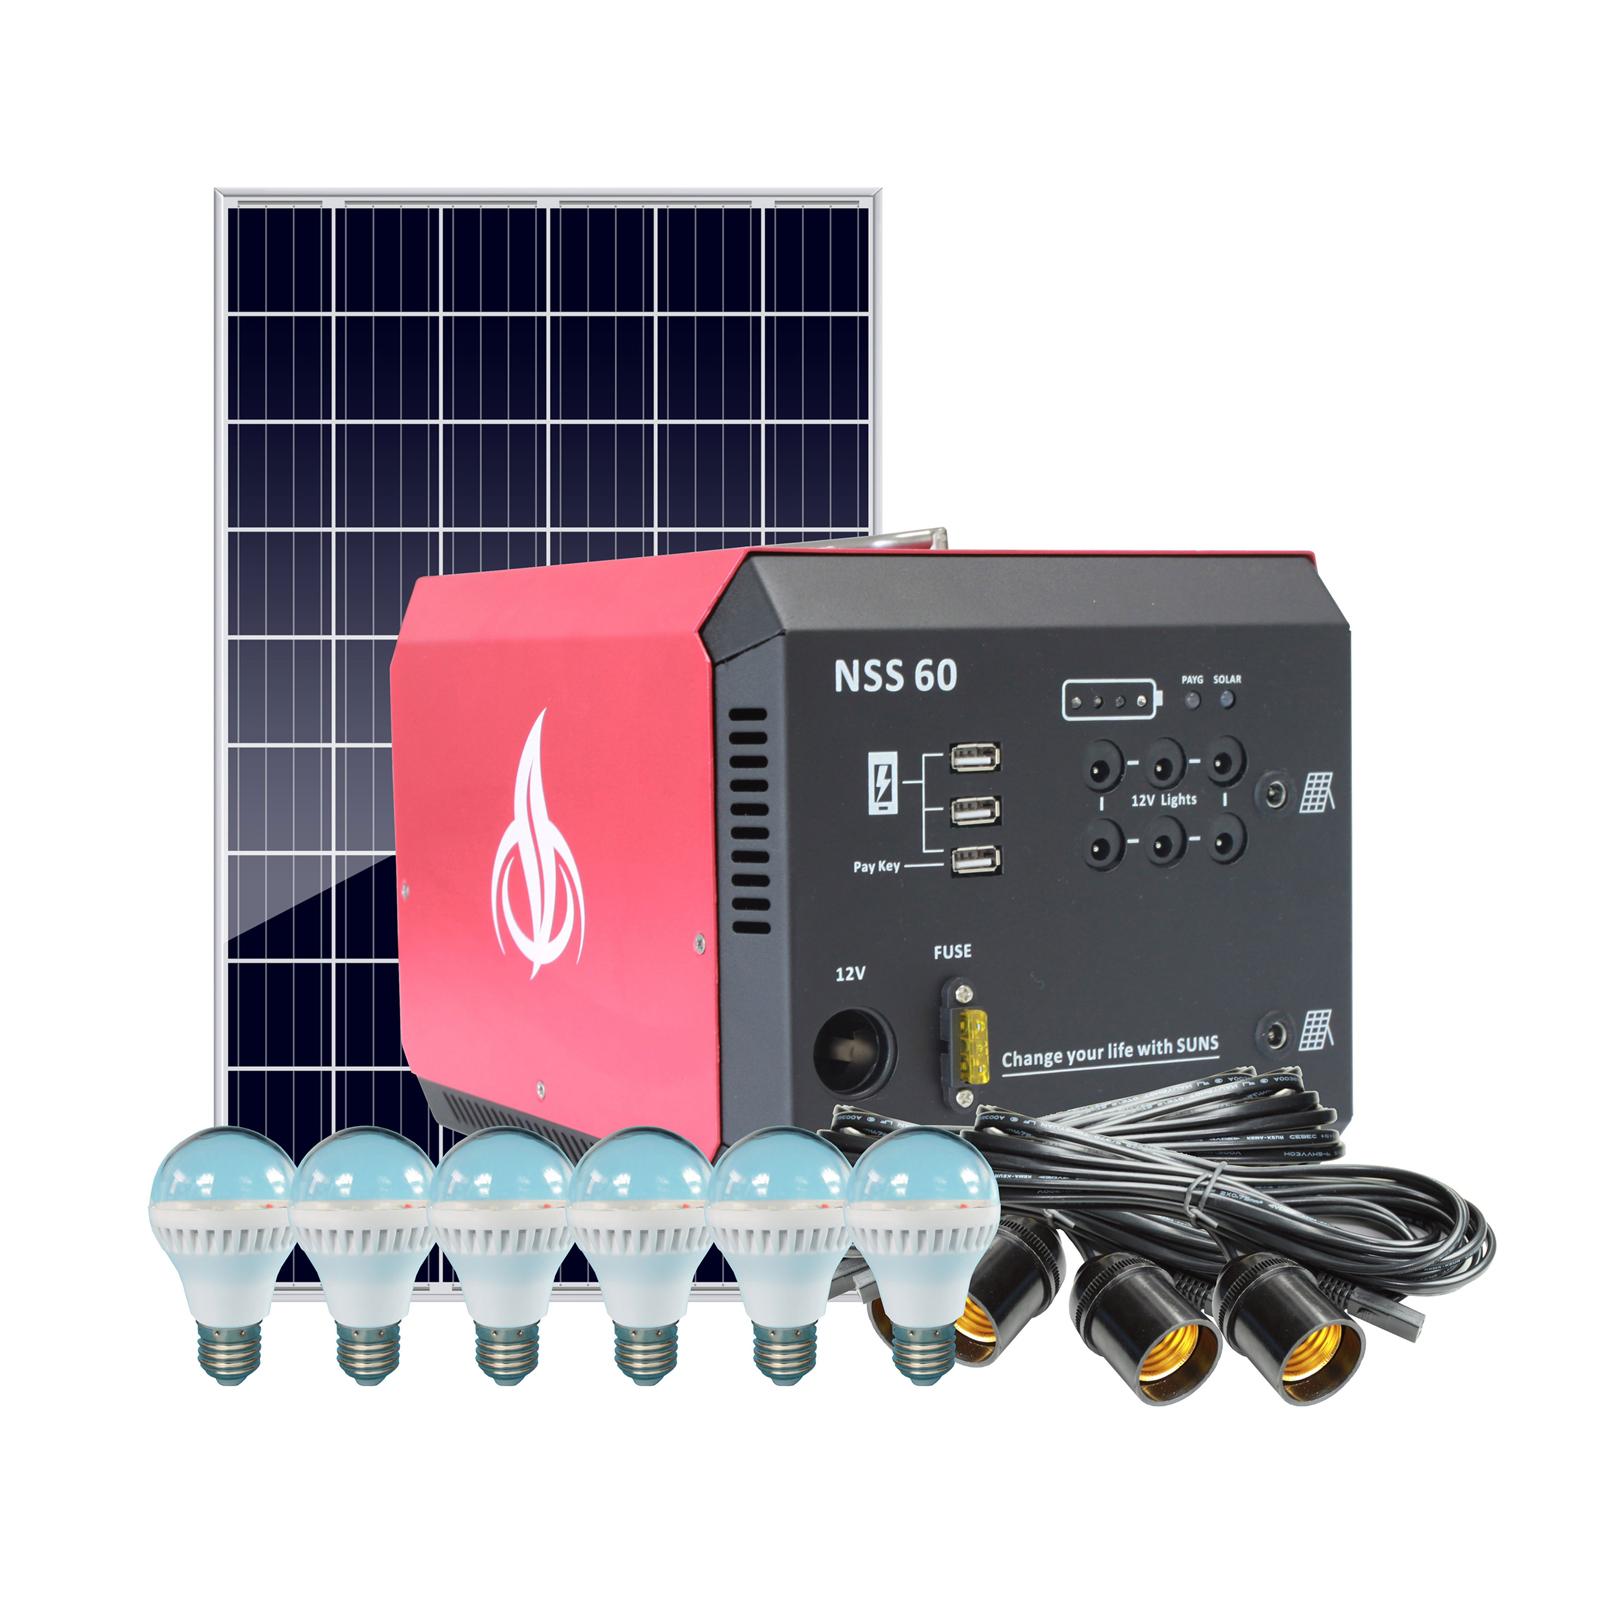 Fabrika fiyat yeni tasarım gitmek gibi ödeme PAYG ticari ev GÜNEŞ PANELI güç güneş enerjisi sistemi